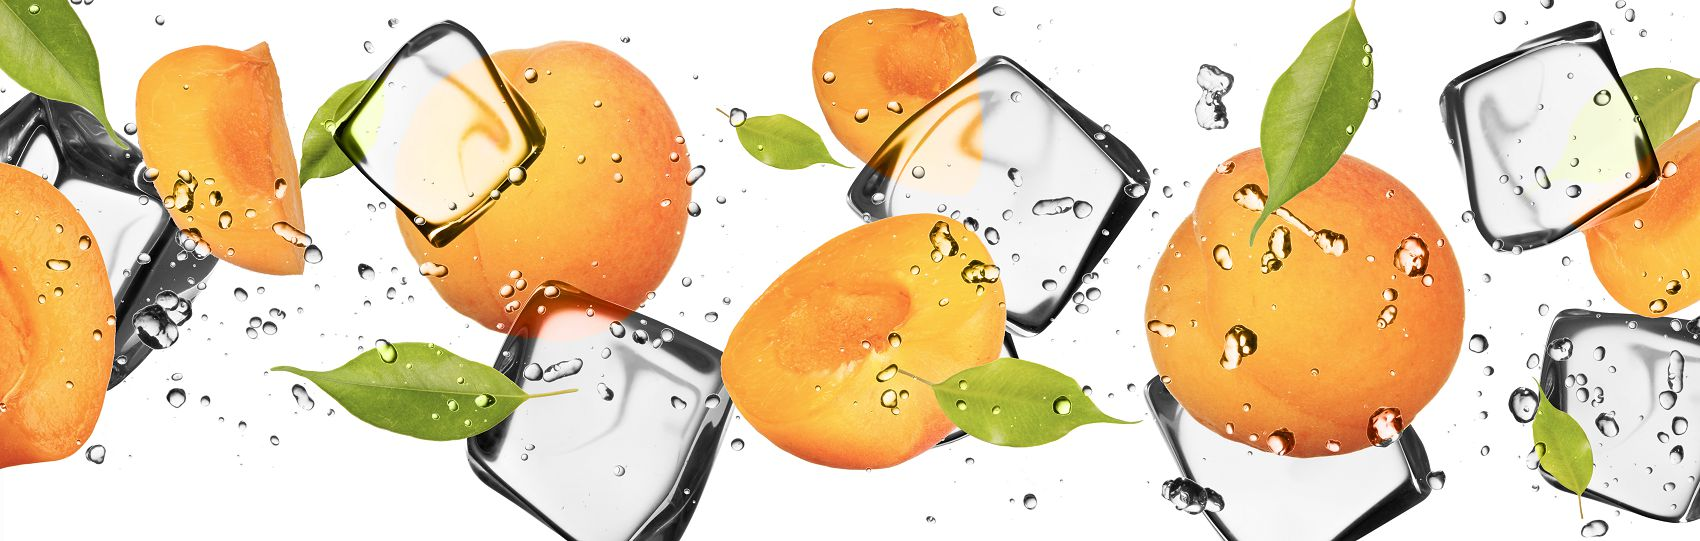 Фартук для кухни фрукты и лёд